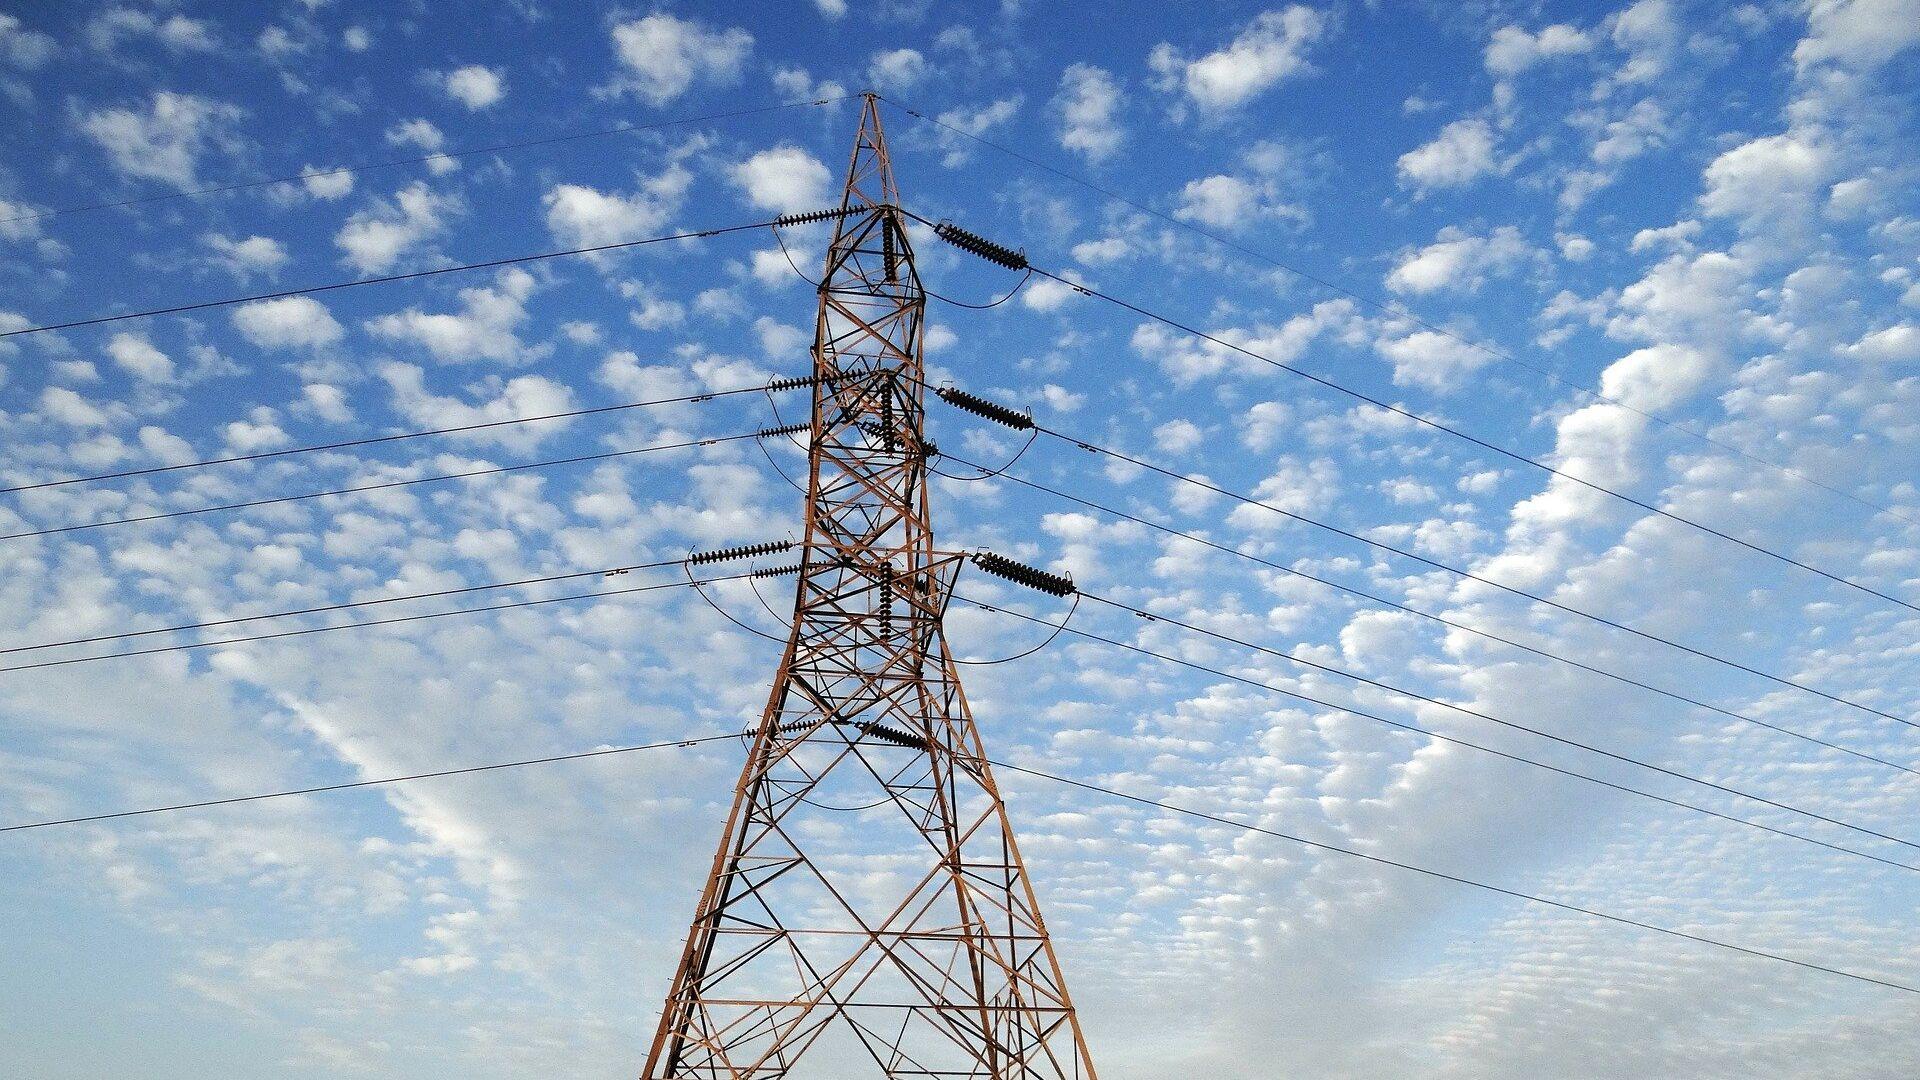 Una torre de transmisión eléctrica - Sputnik Mundo, 1920, 04.05.2021